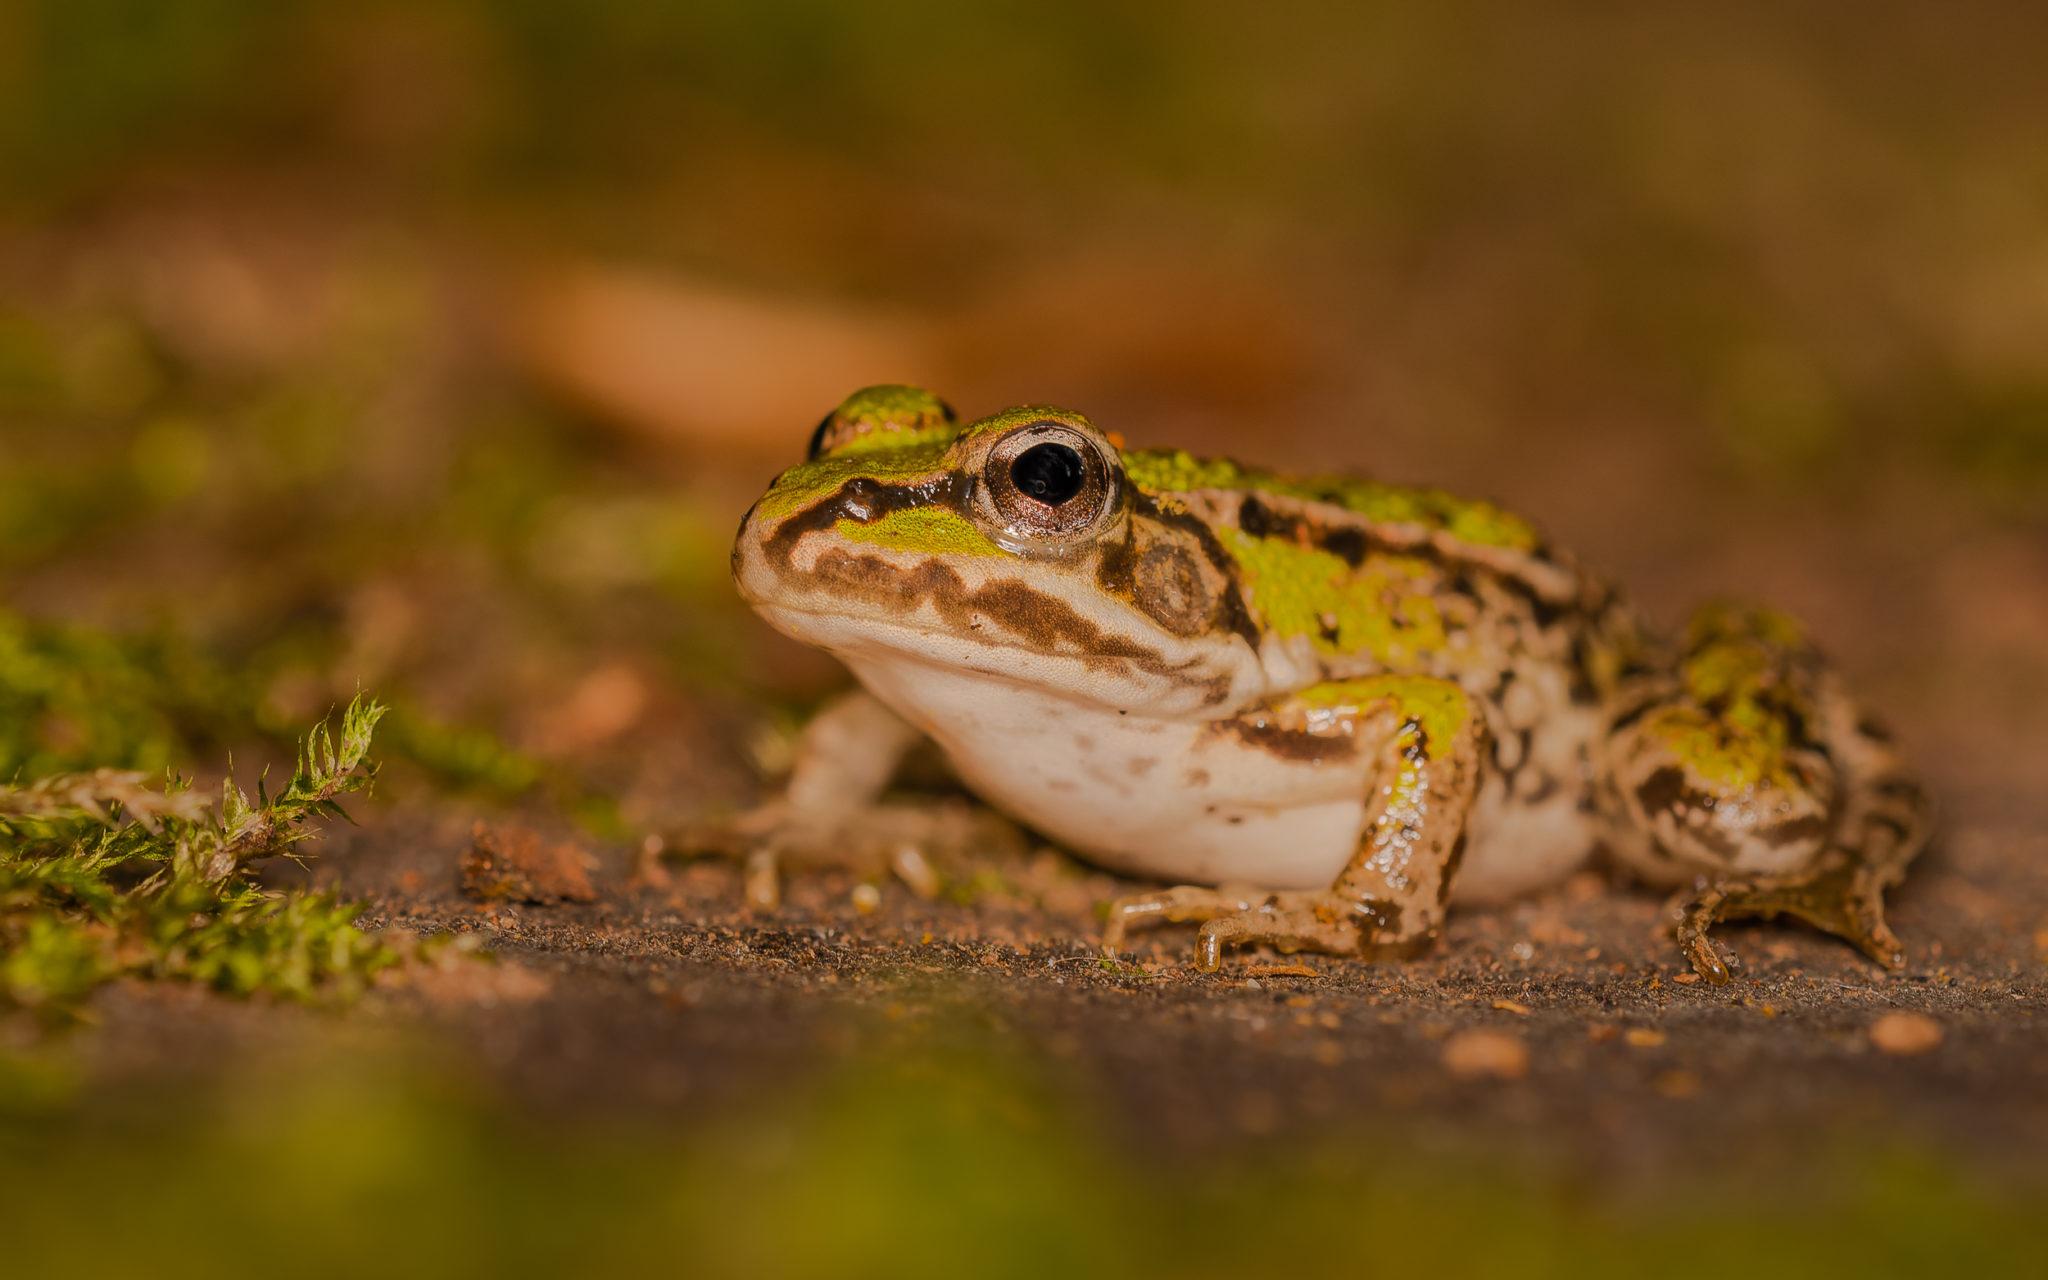 Kleiner Wasserfrosch oder kleiner Teichfrosch (Pelophylax lessonae oder Rana lessonae), Naturfotografie Sylvia & Olaf Rentzsch